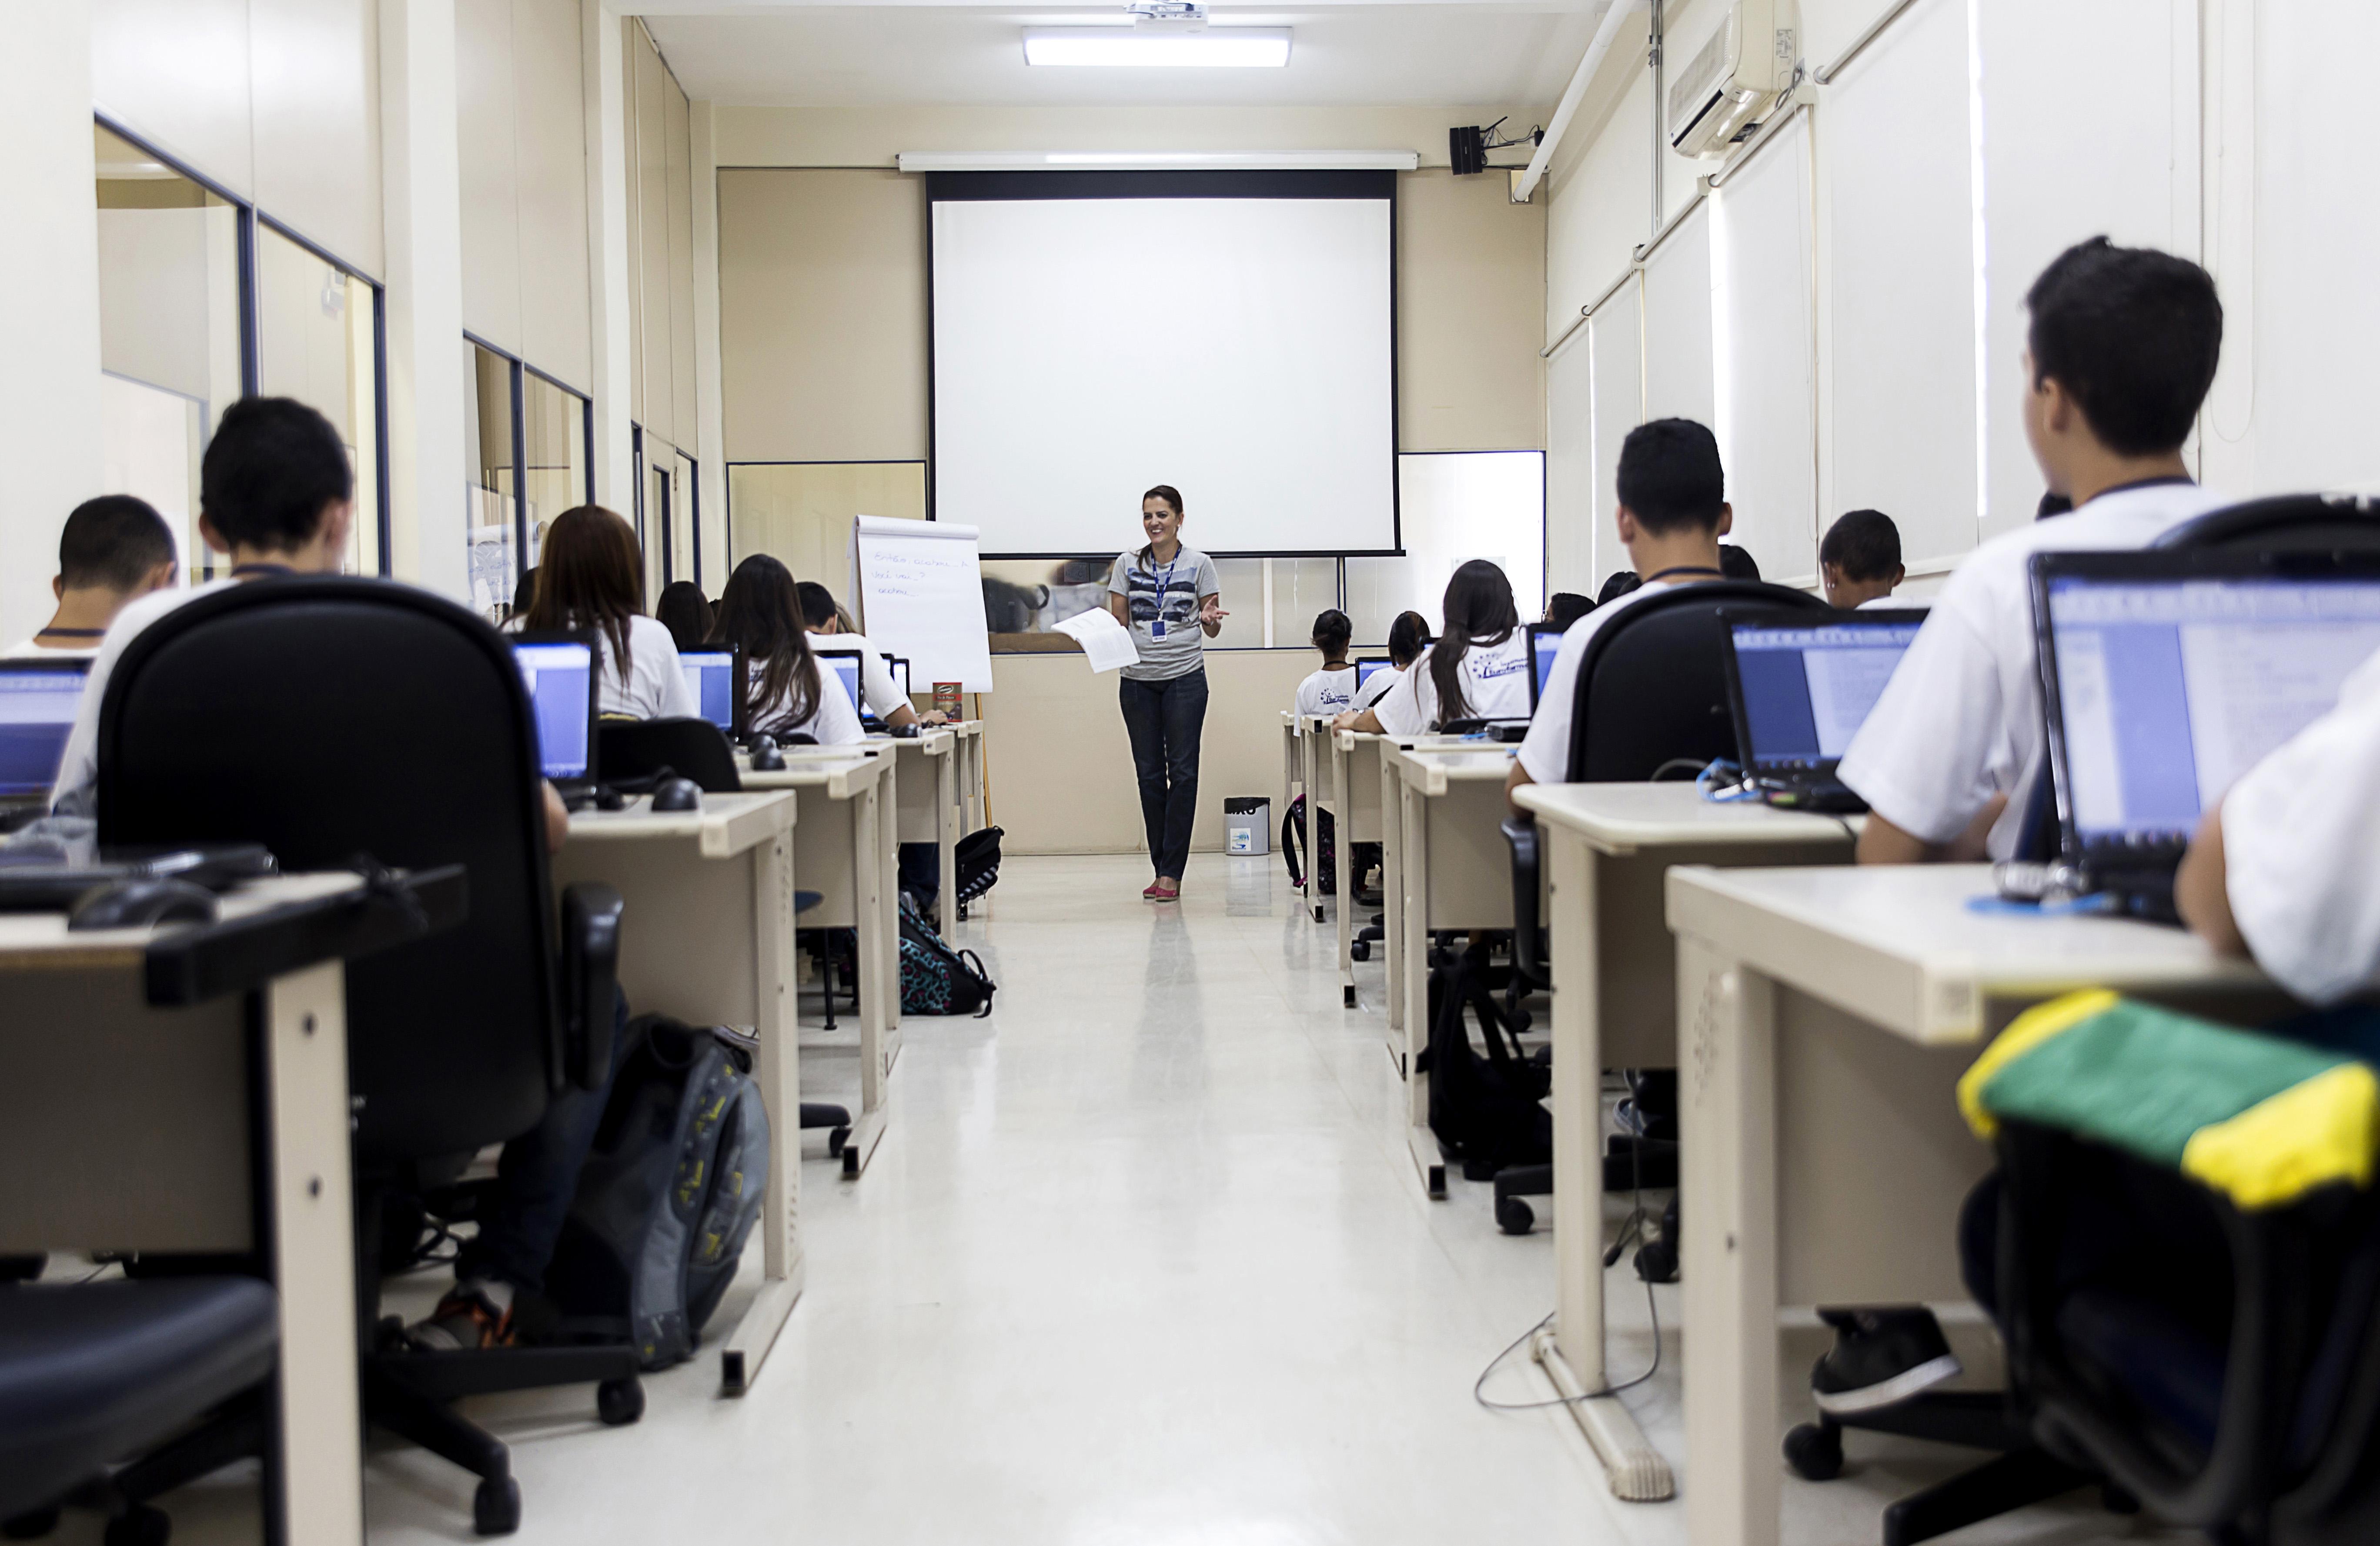 O Instituto Eurofarma oferece oficinas, cursos profissionalizantes e de preparação para a universidade